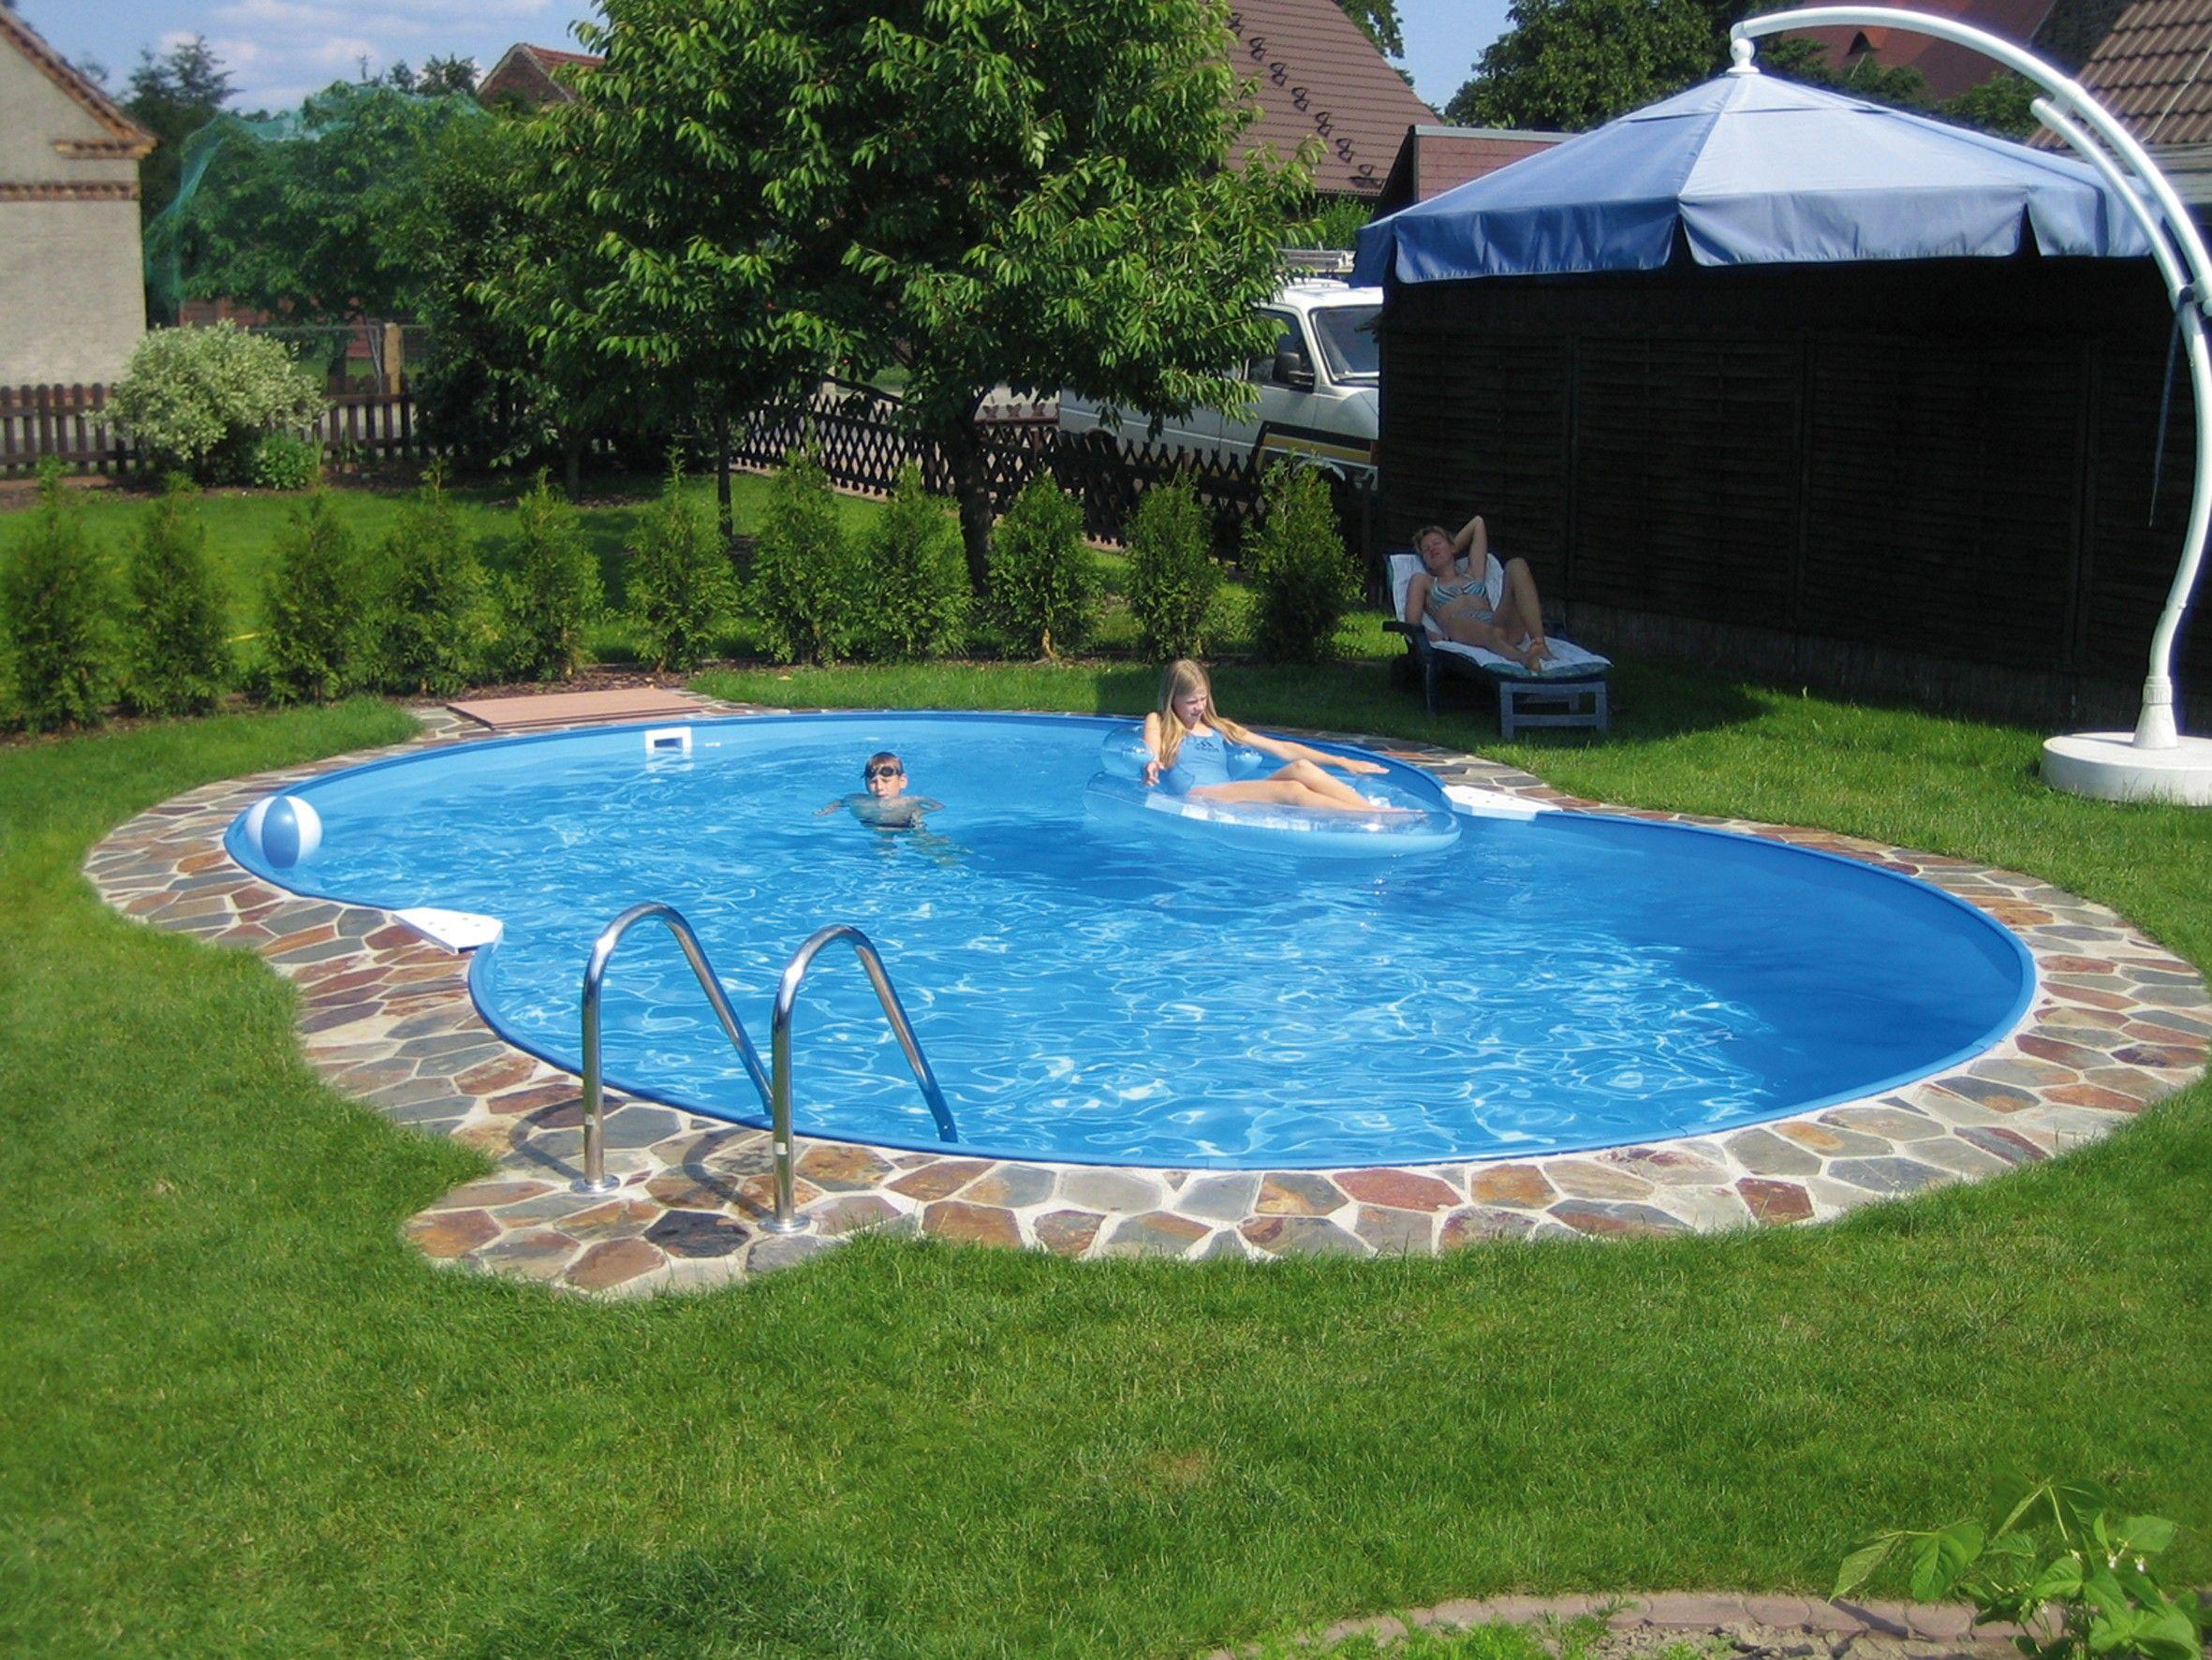 Faszinierend Pool Im Kleinen Garten Galerie Von Landschaftsbau Ideen Schwimmbad Design Mehr